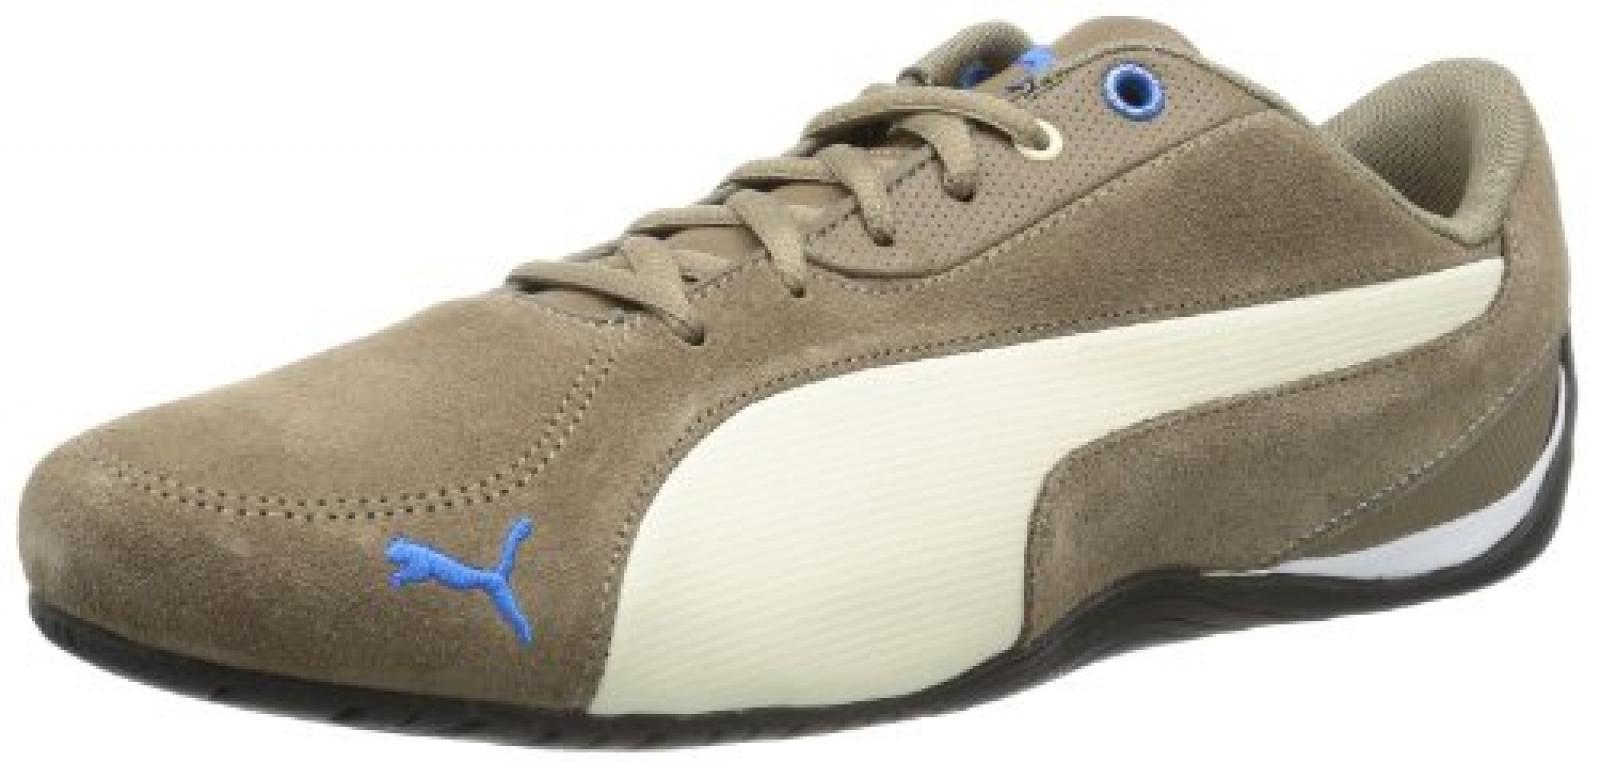 Puma Drift Cat 5 S 304689 Herren Sneaker